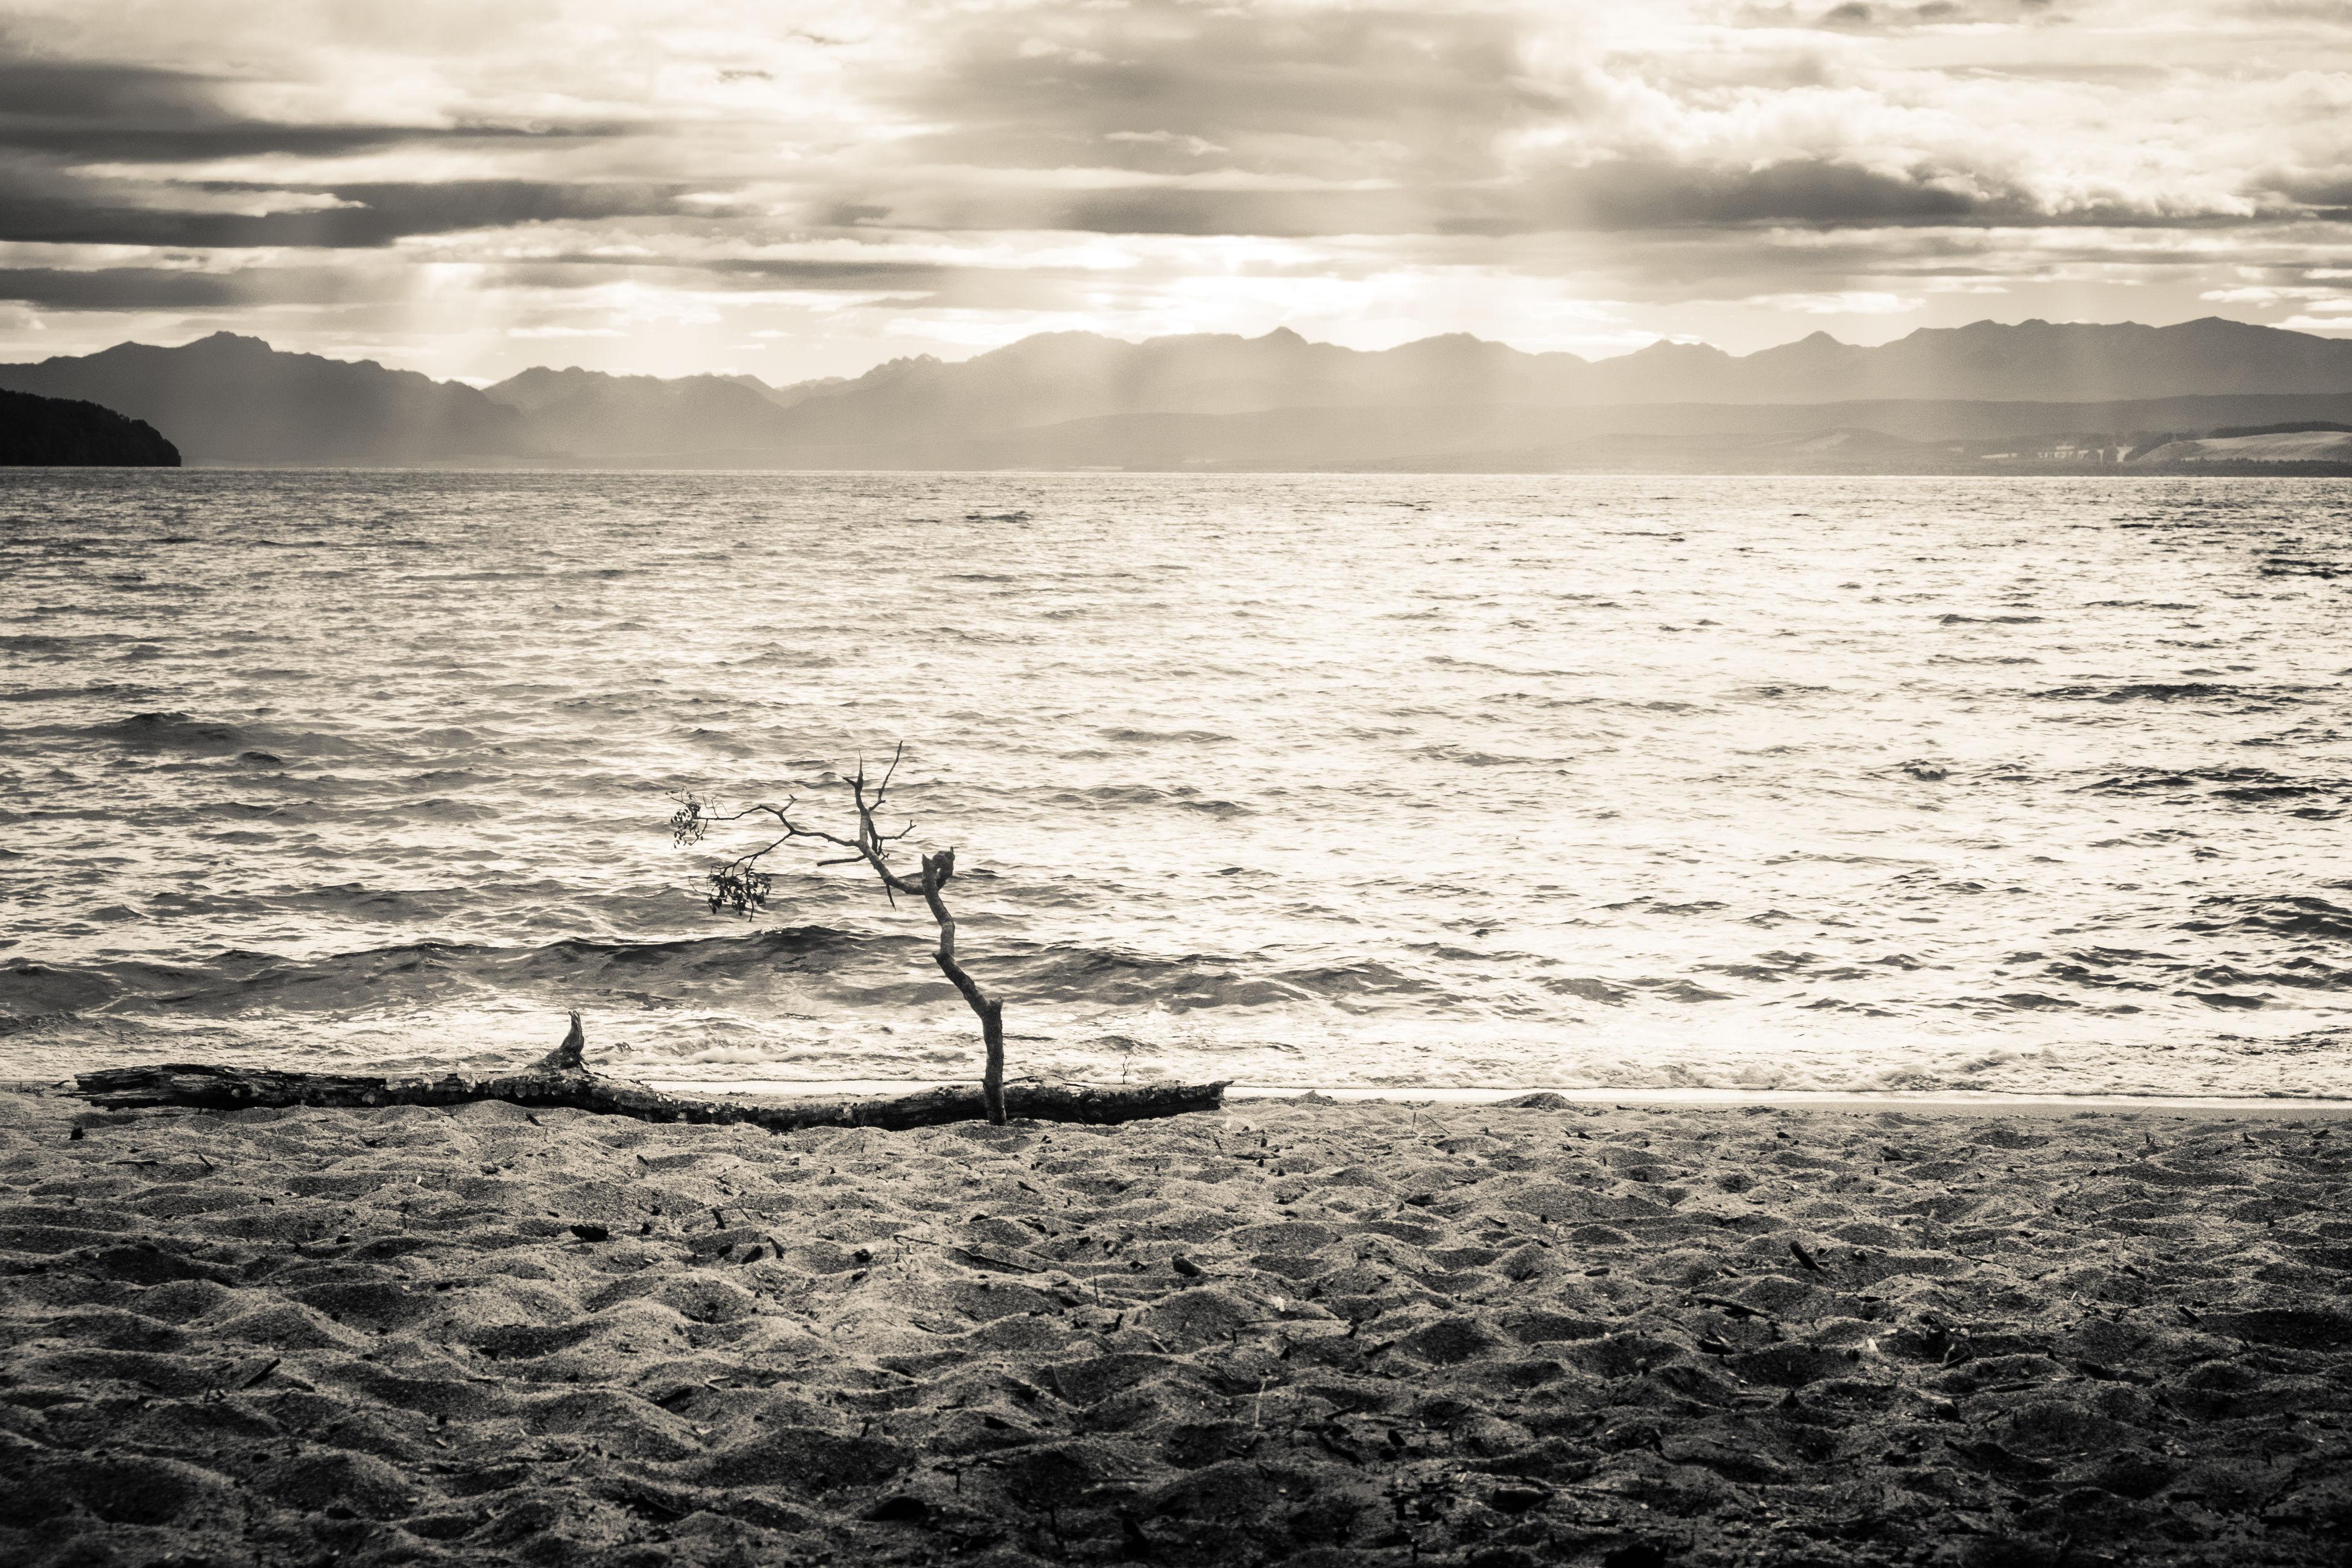 Idyllic Seascape Against Cloudy Sky